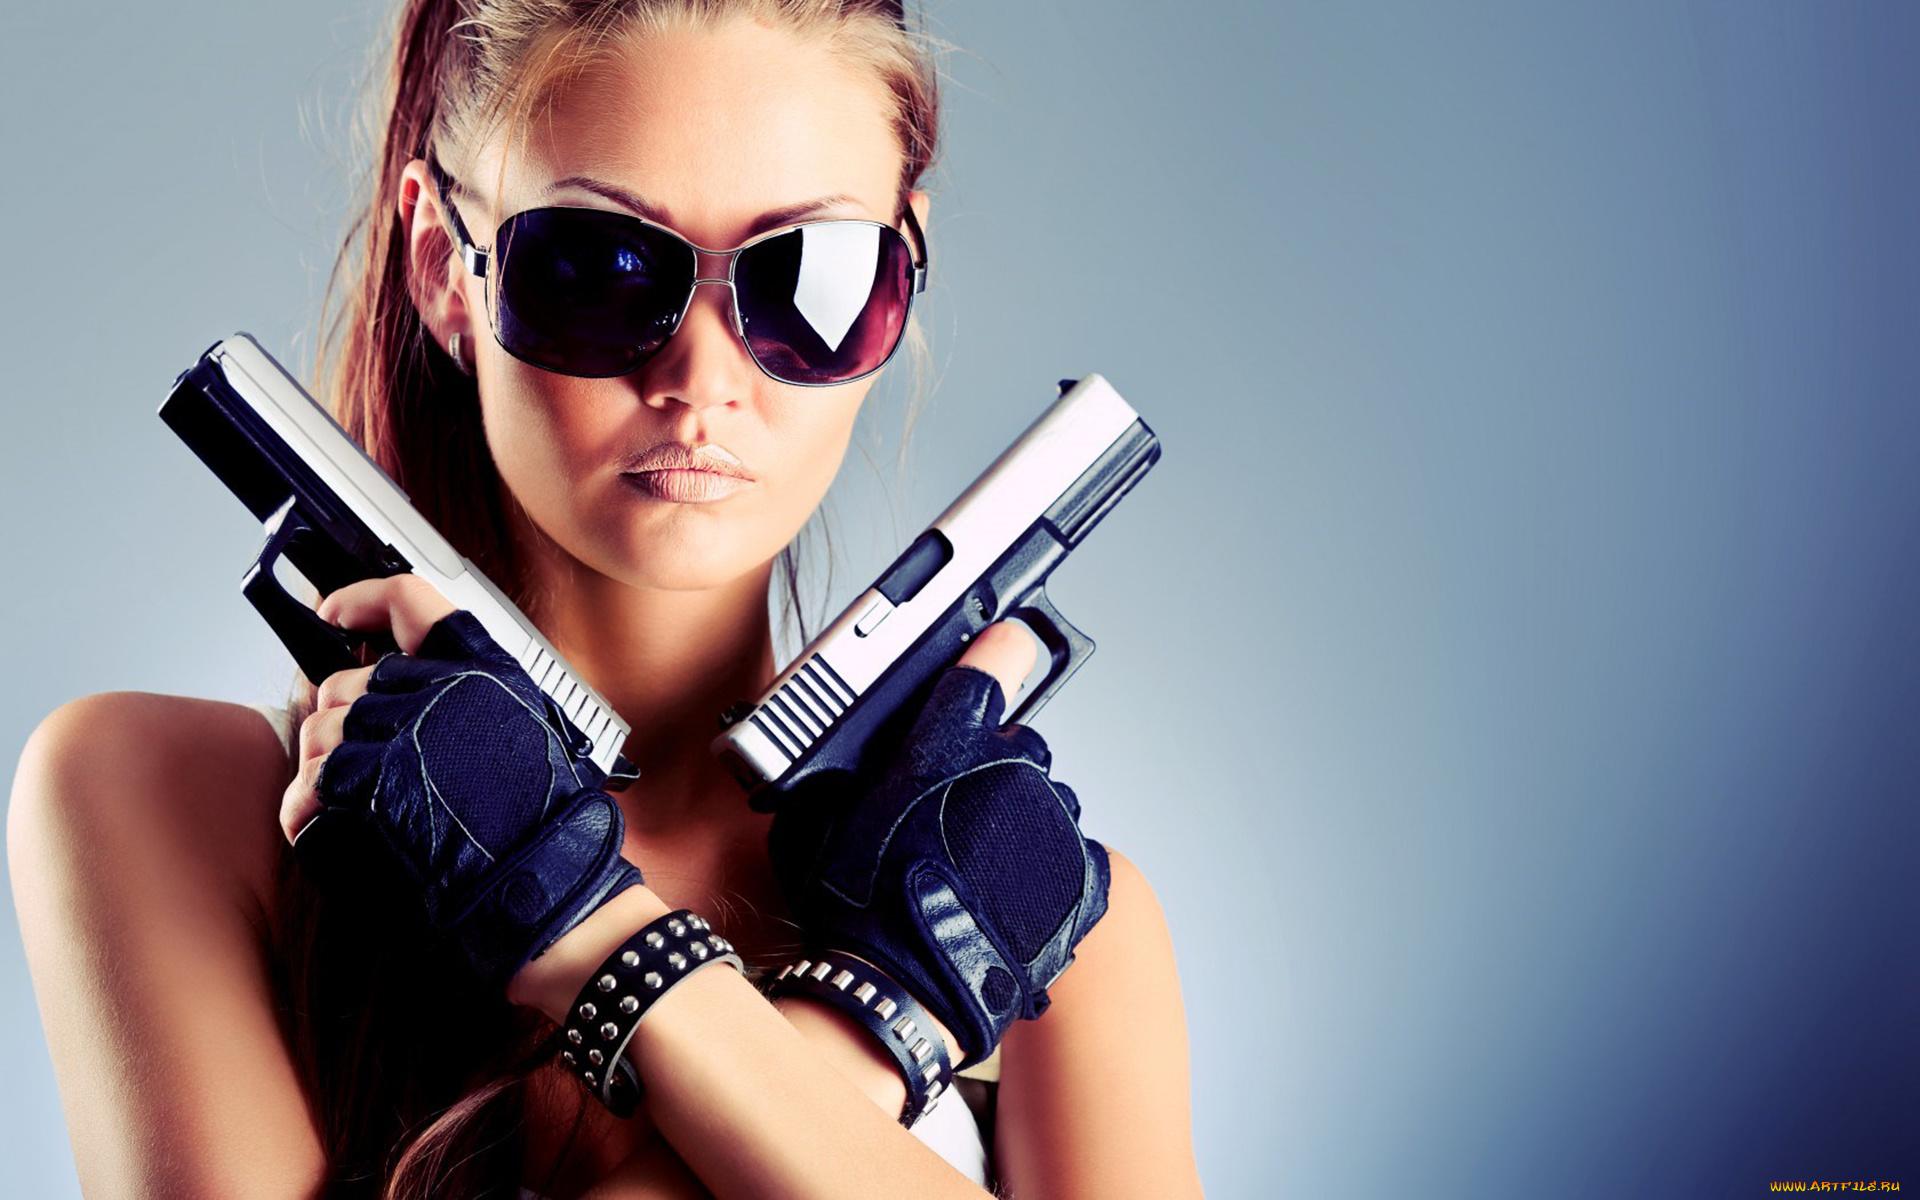 Прикольные картинки девочка с пистолетом, стихами